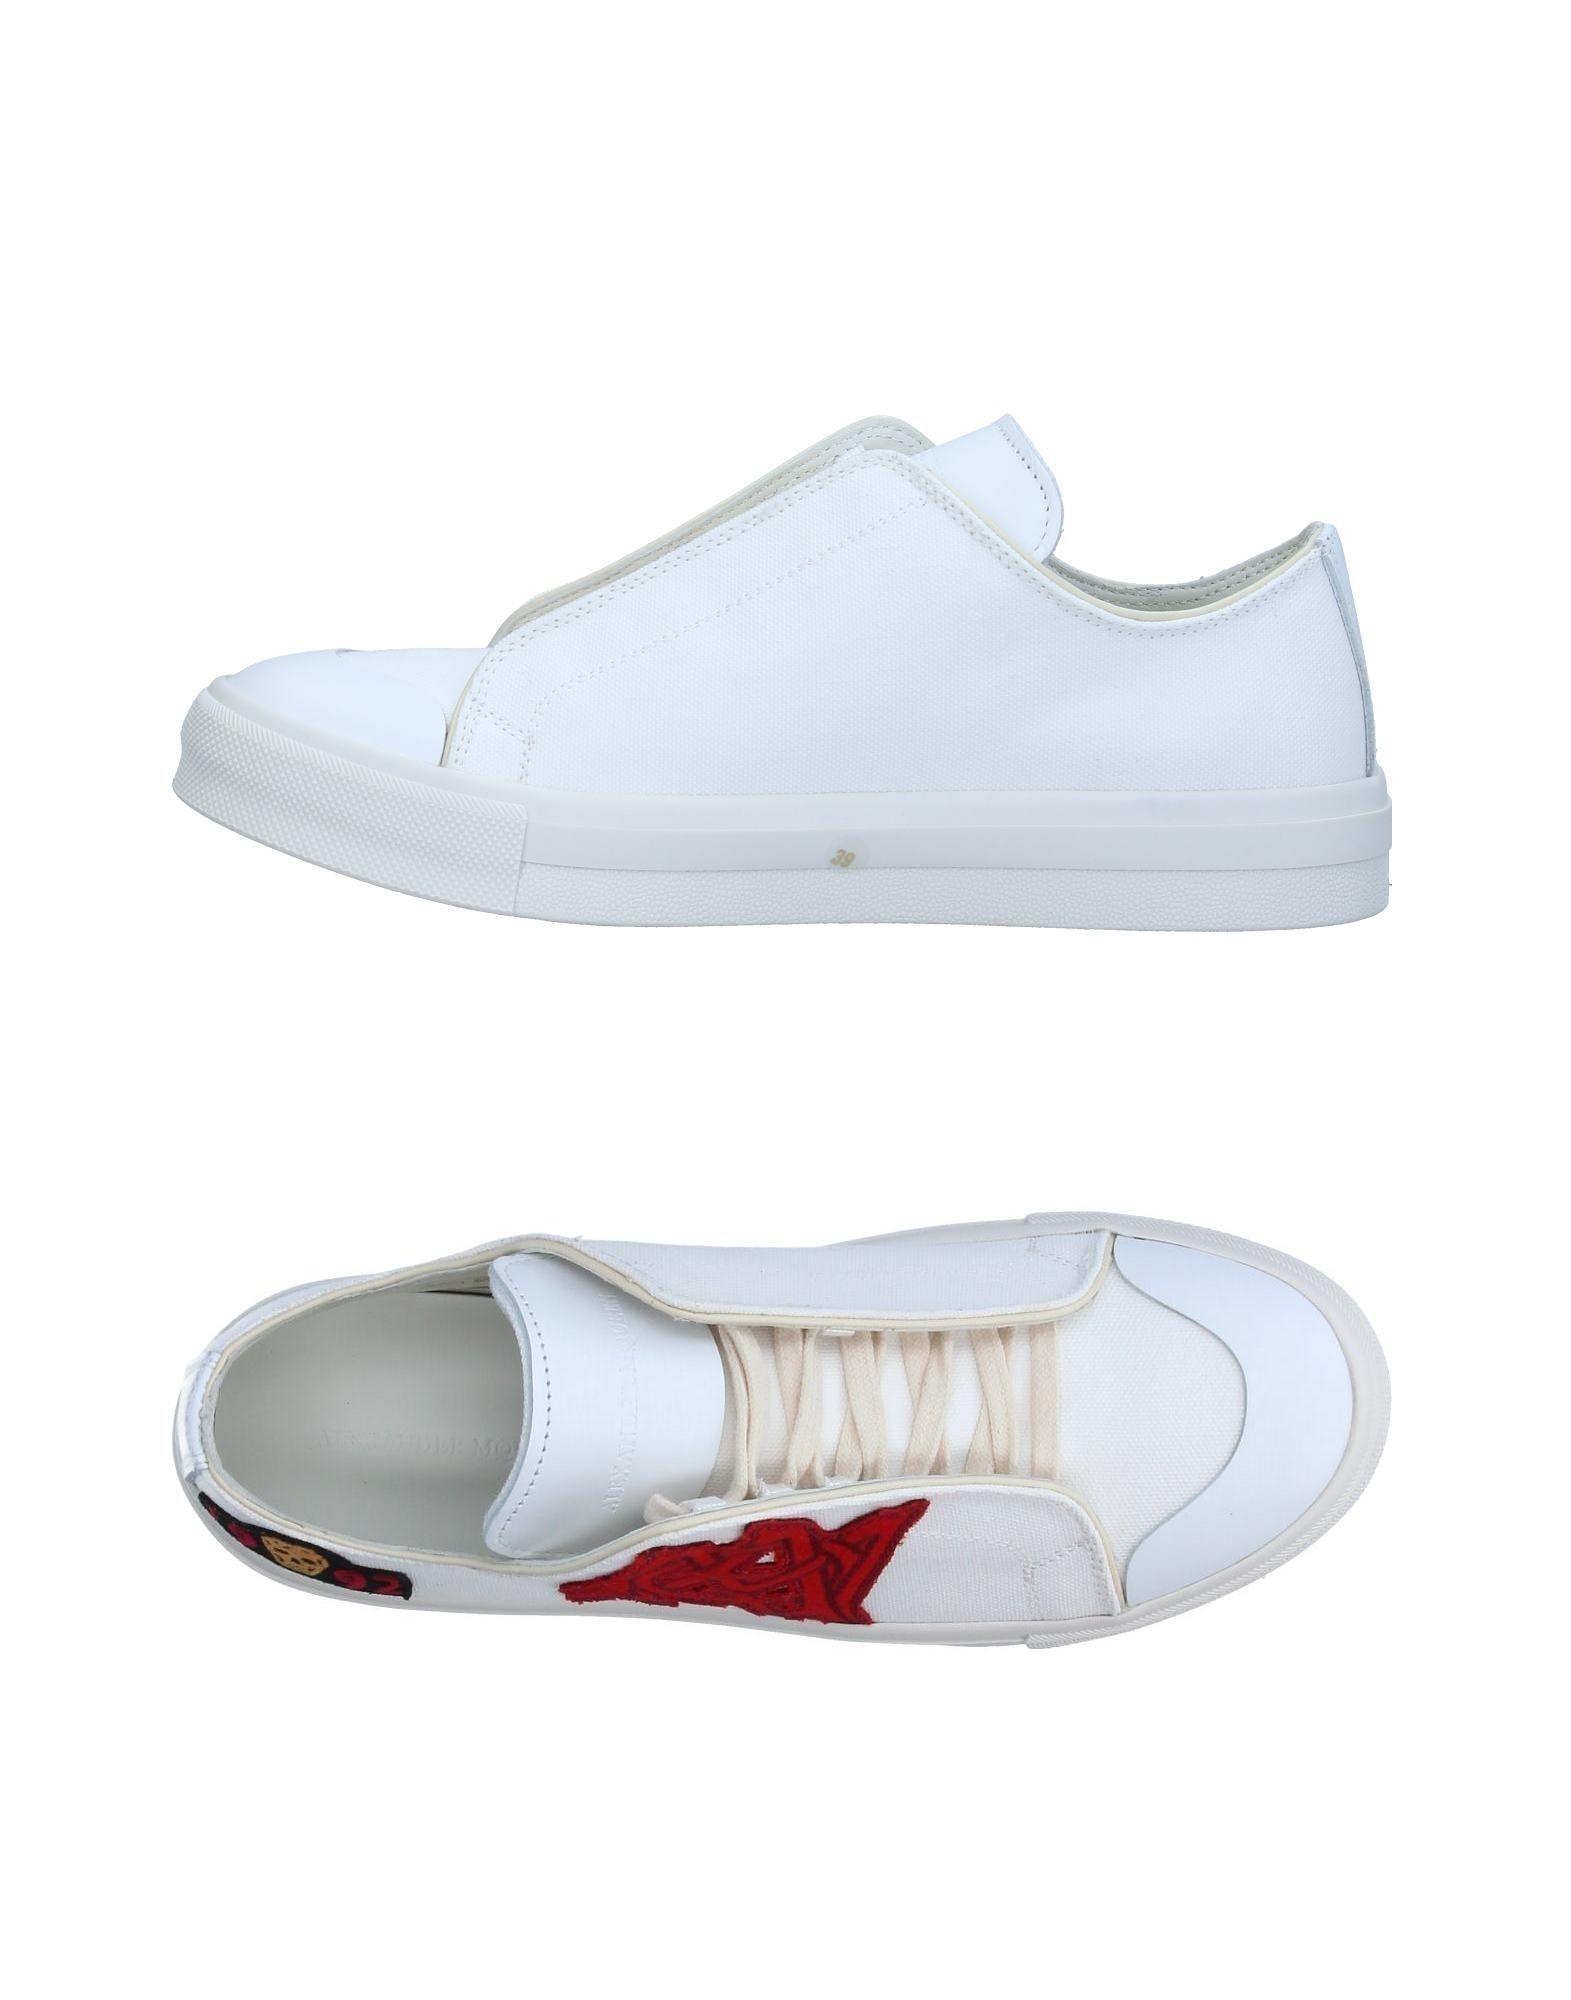 Alexander Mcqueen Sneakers - Men Alexander Mcqueen Sneakers ...